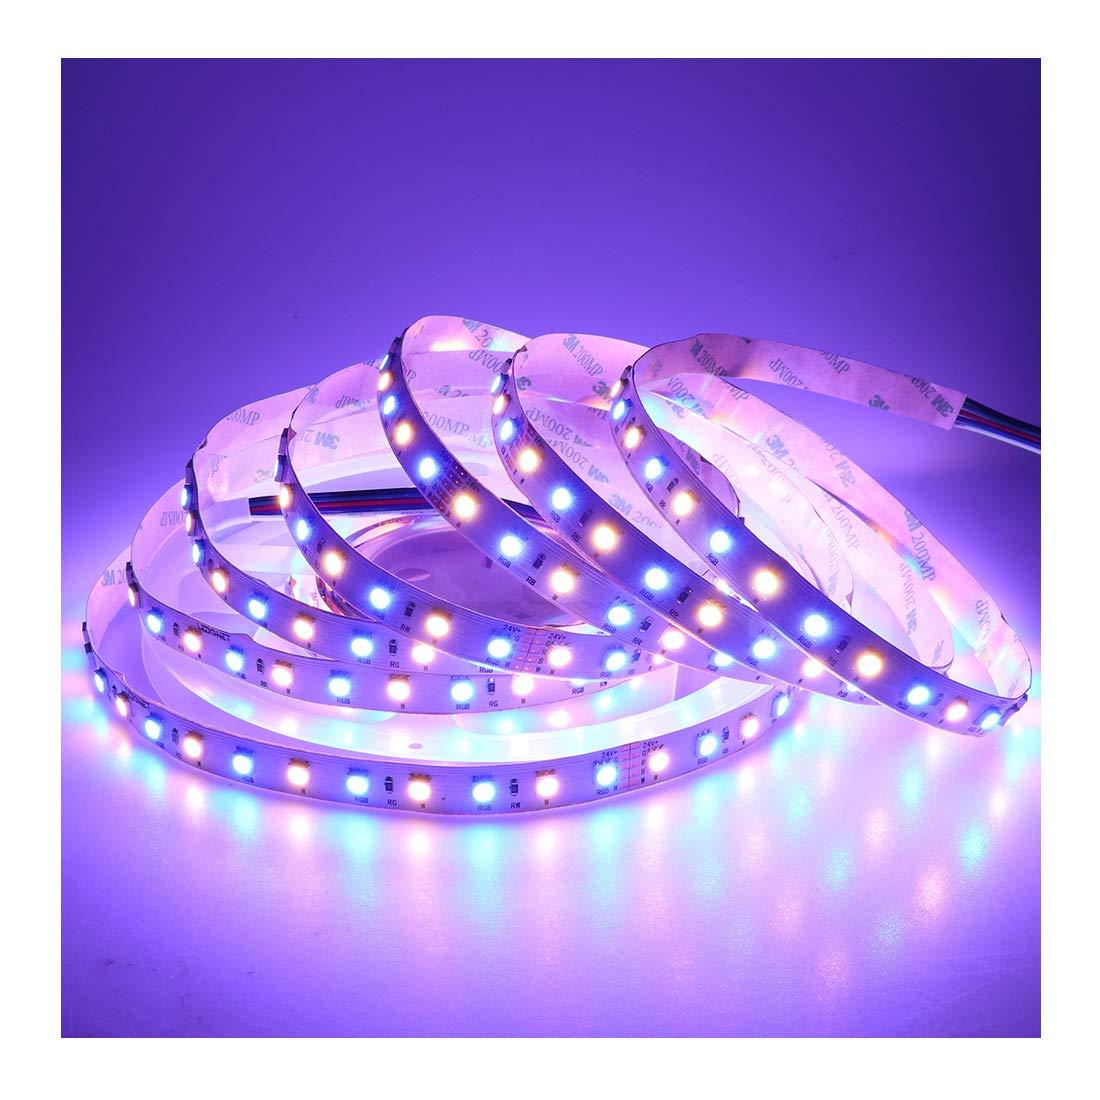 Ledenet 164ft Super Bright 5050 Smd 24v Led Light Strip Lights As Well Rgb Wiring Diagram On Warm White 360leds Flexible Rgbww Tape Ribbon Lamp Home Improvement